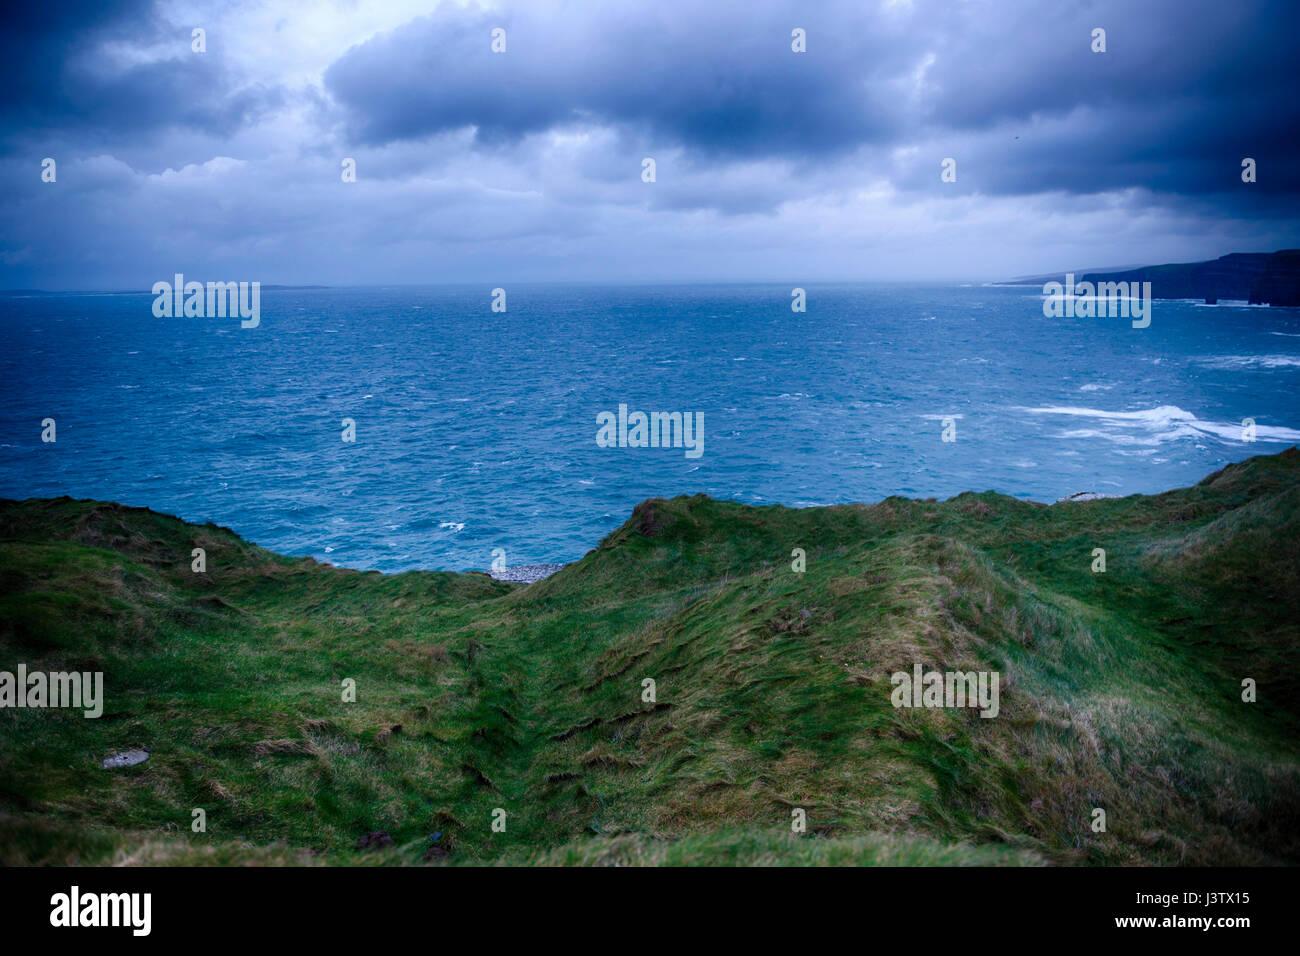 Foto auf Cliffs of Moher in Irland während des Sturms. Der Wind war so stark, dass ich meine Kamera kaum halten Stockbild